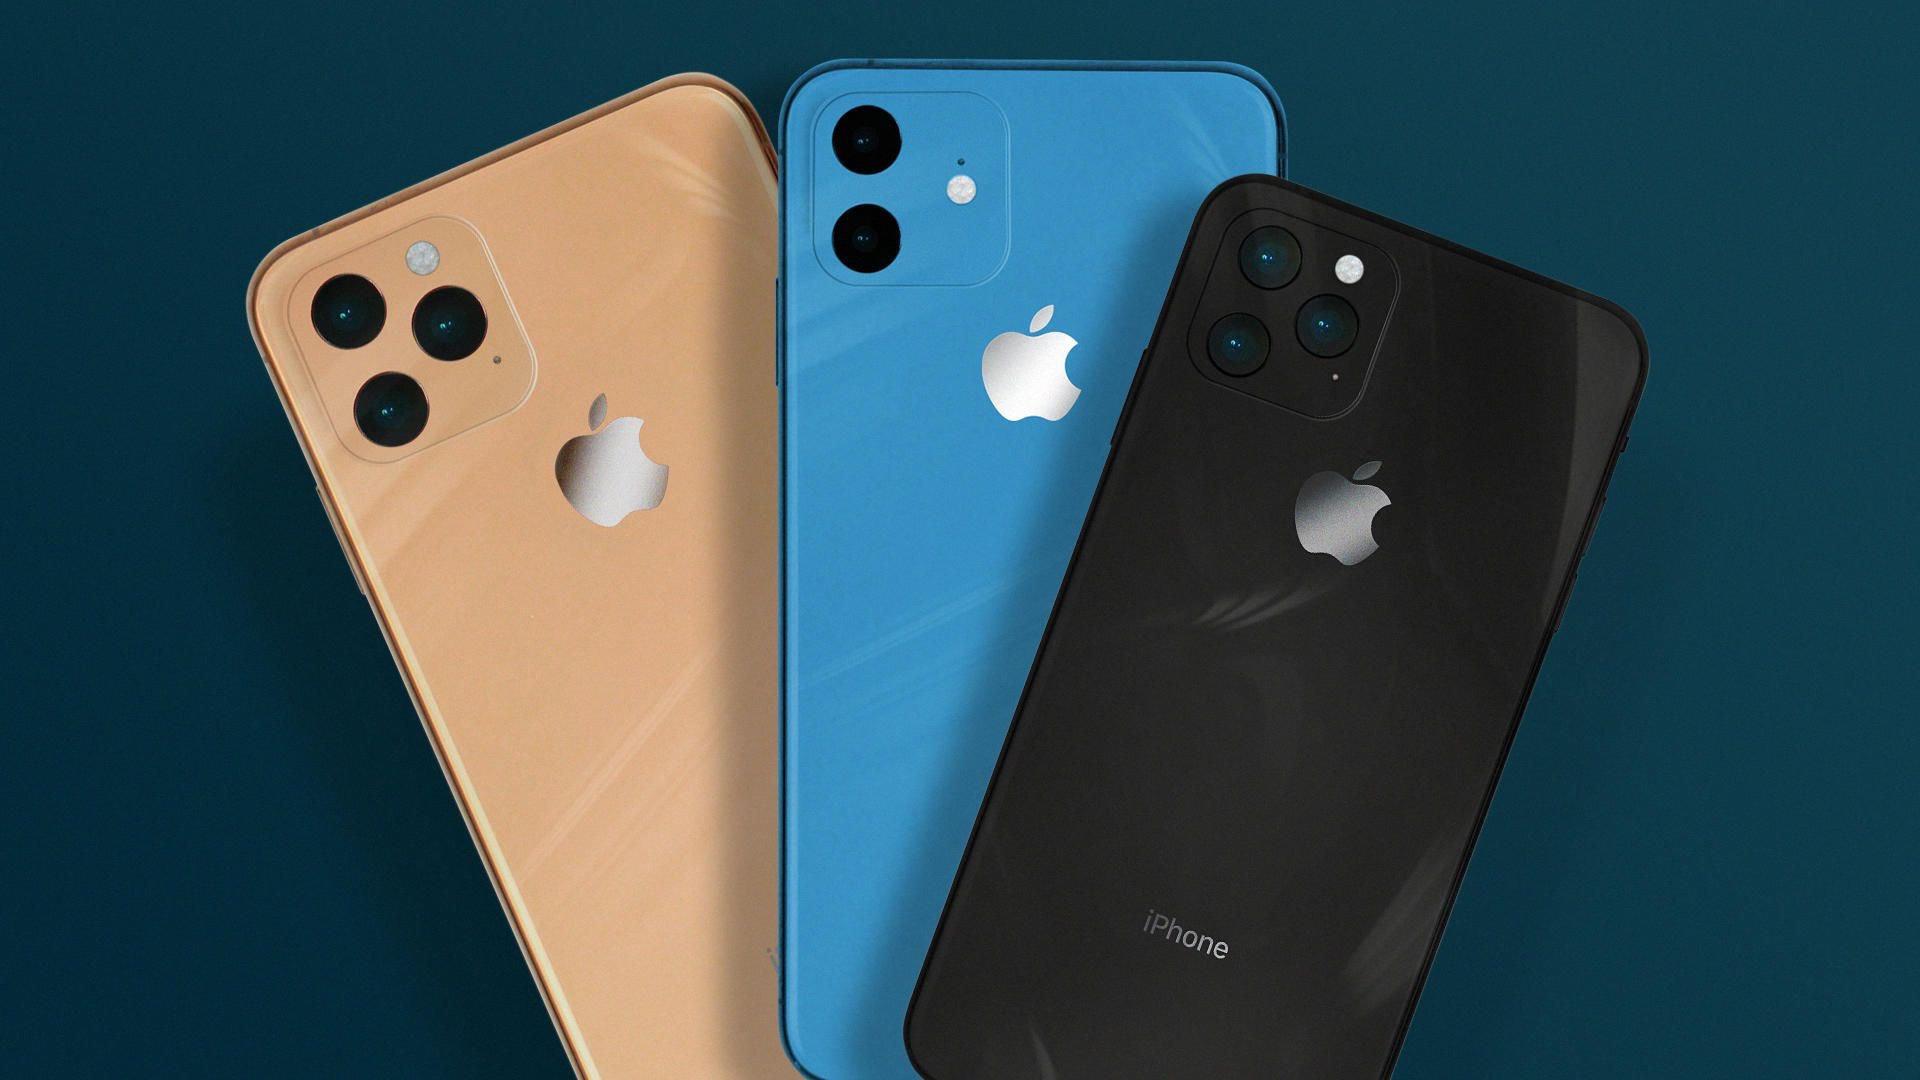 苹果回应辐射超标,遵守所有适用的辐射规定和限制